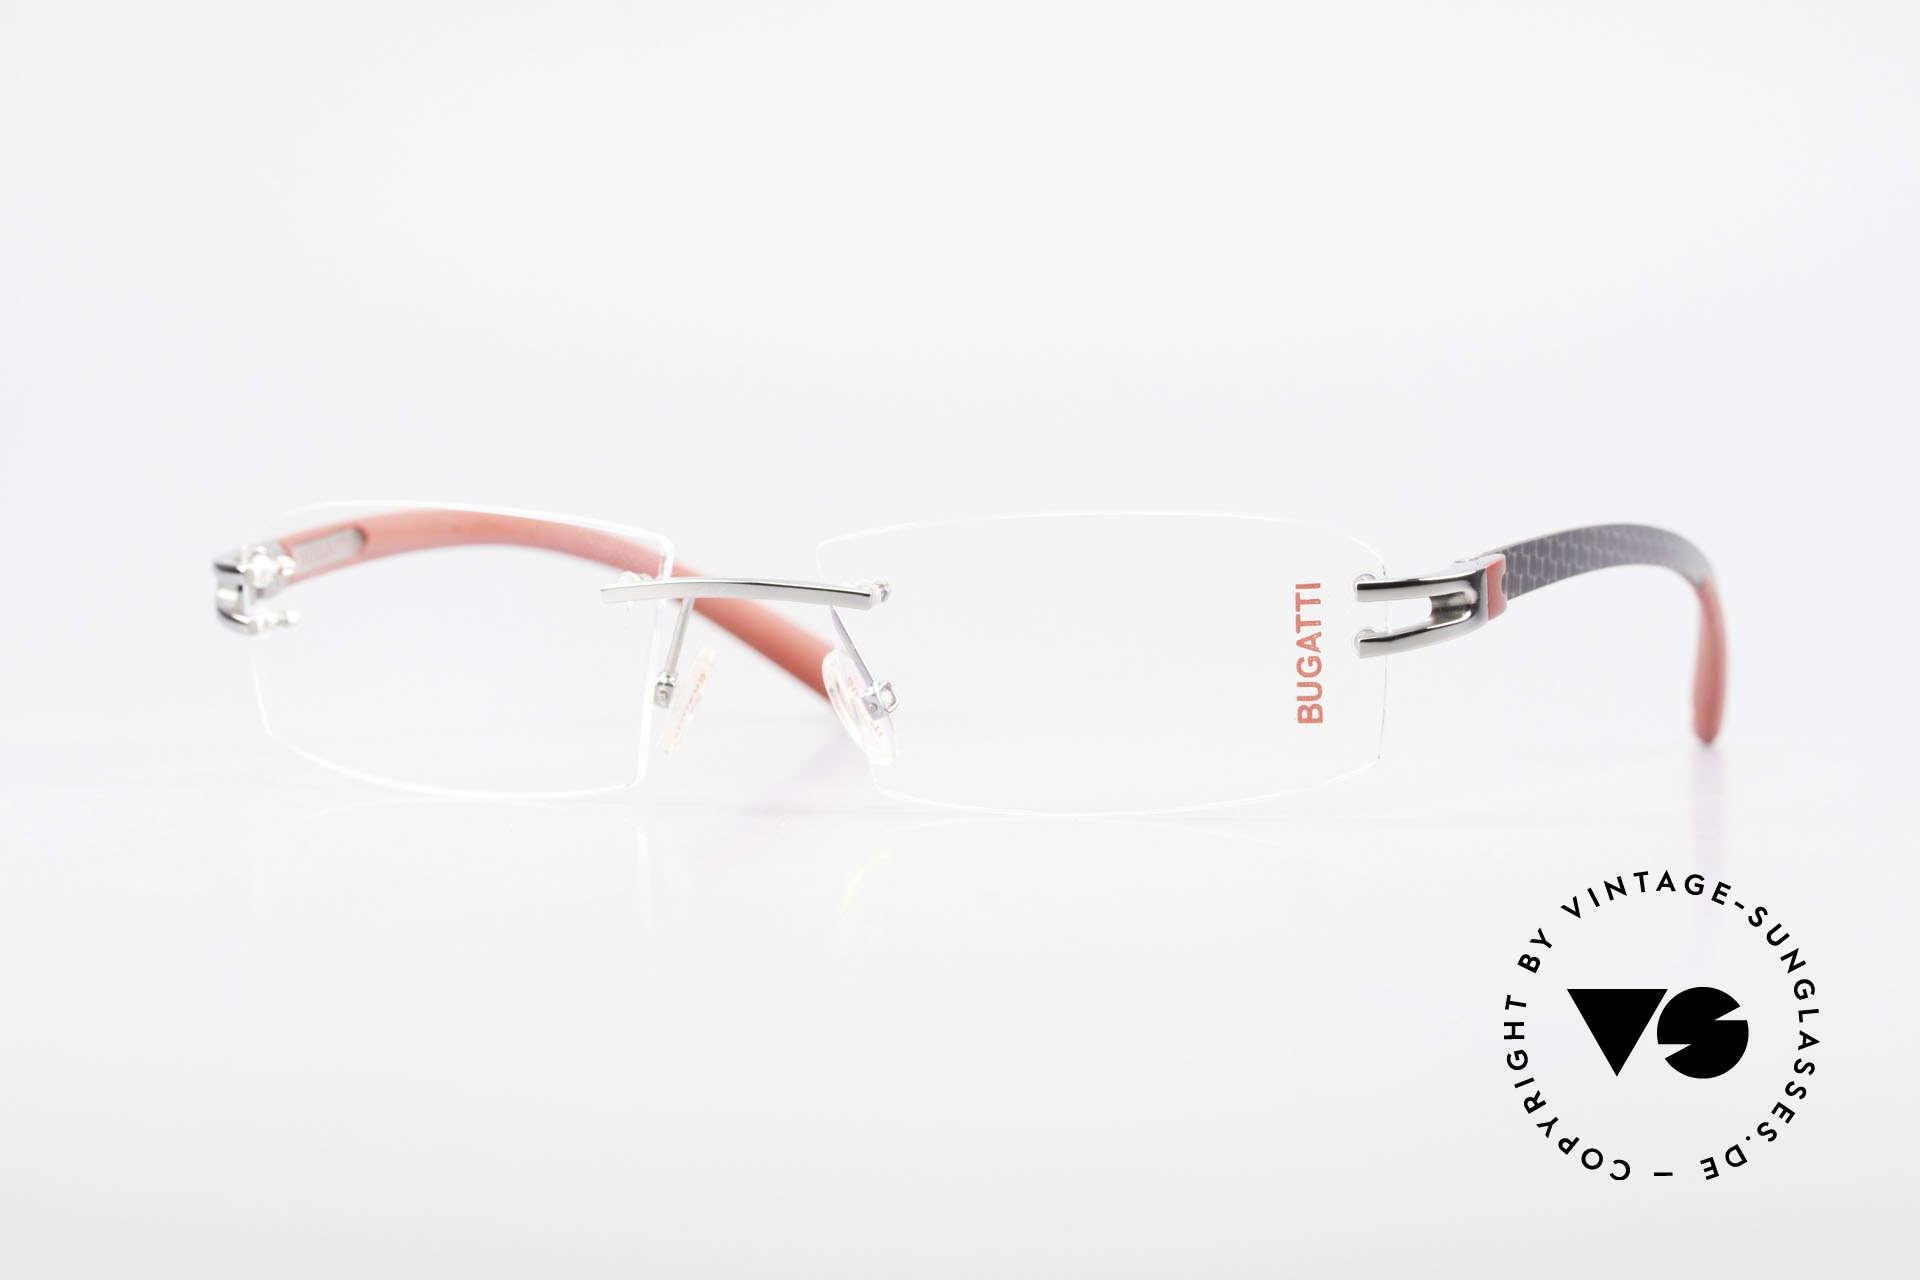 Bugatti 464 Rimless Eyeglasses Ruthenium, original, vintage rimless eyeglass-frame by Bugatti, Made for Men